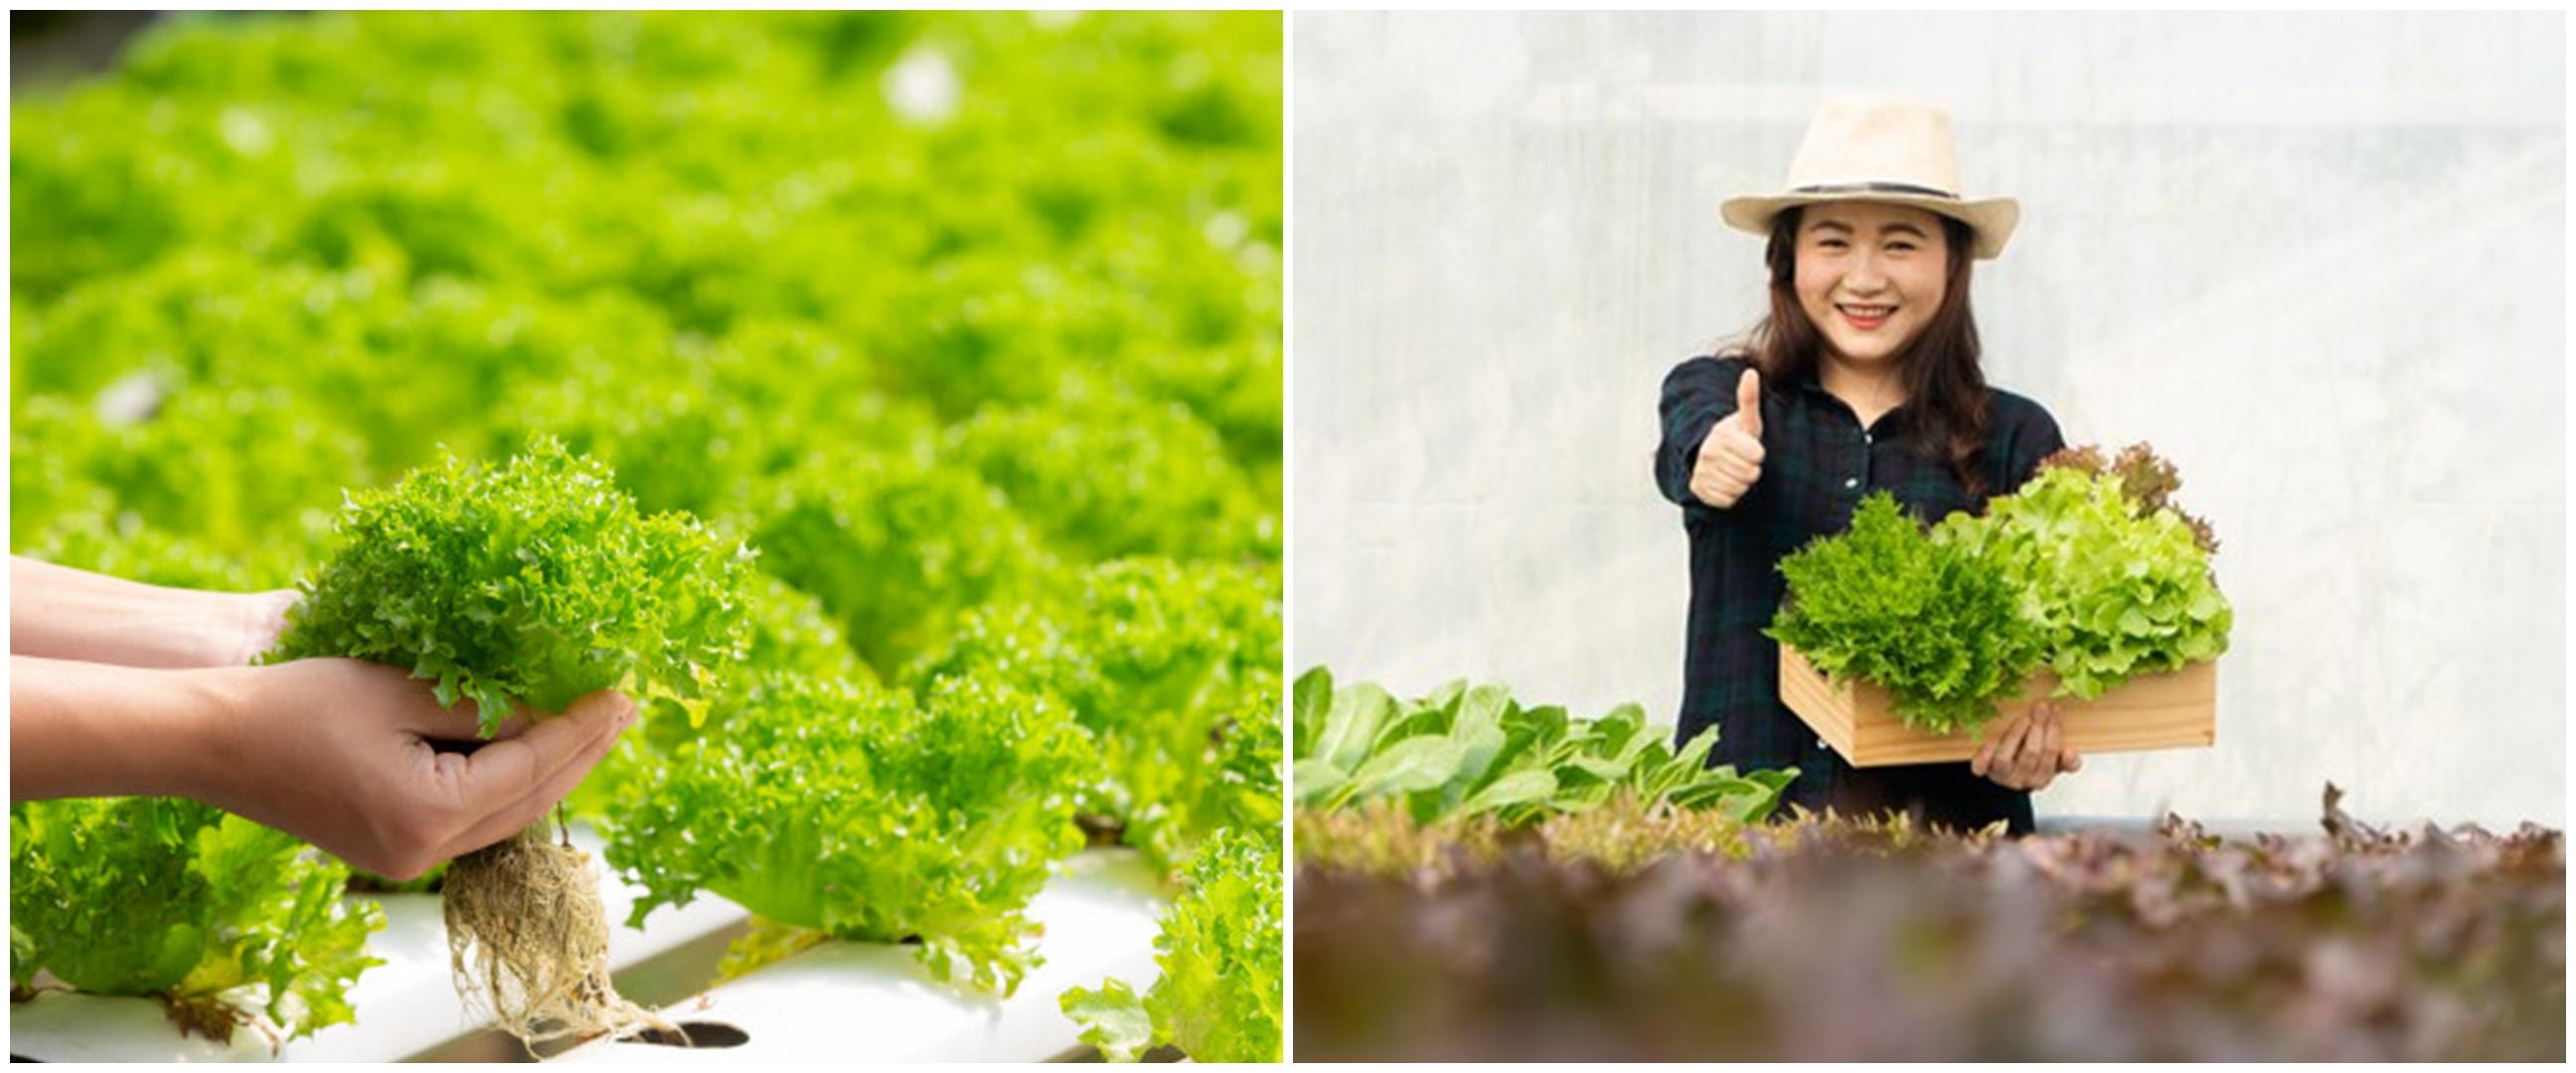 9 Kelebihan tanaman hidroponik yang wajib diketahui